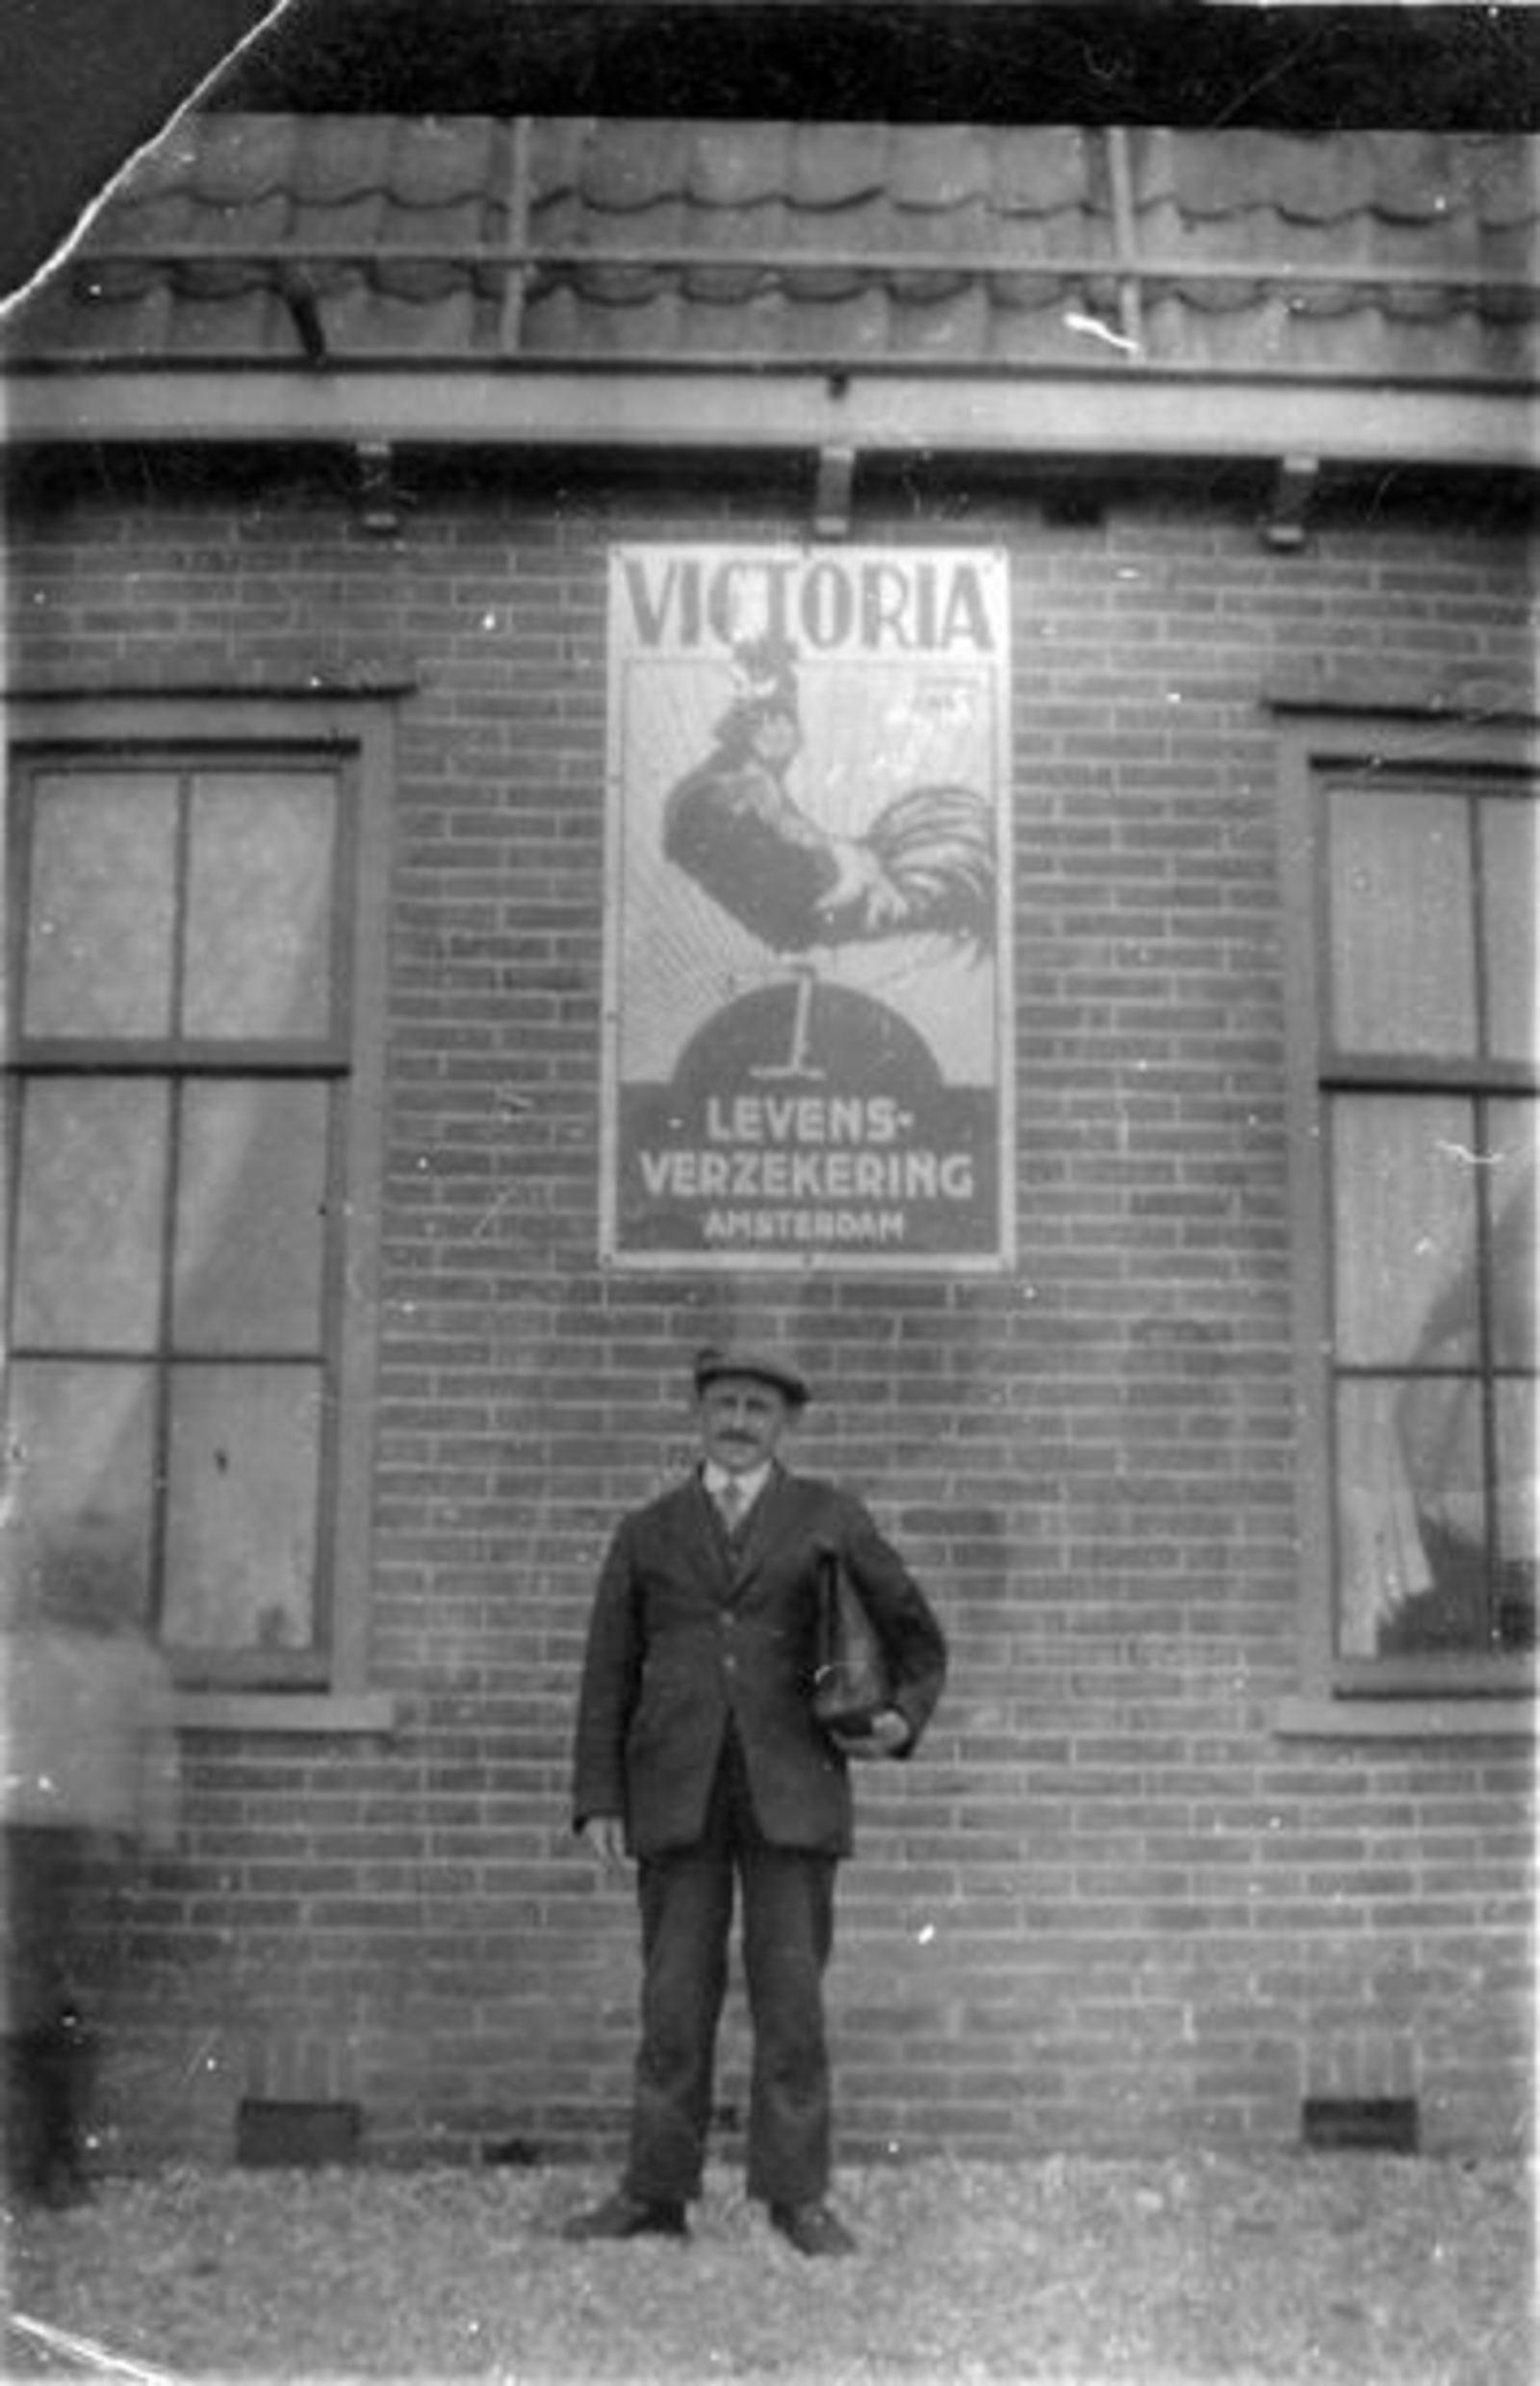 Broere Daniel 1890 19__ Verzekerings agent Victoria